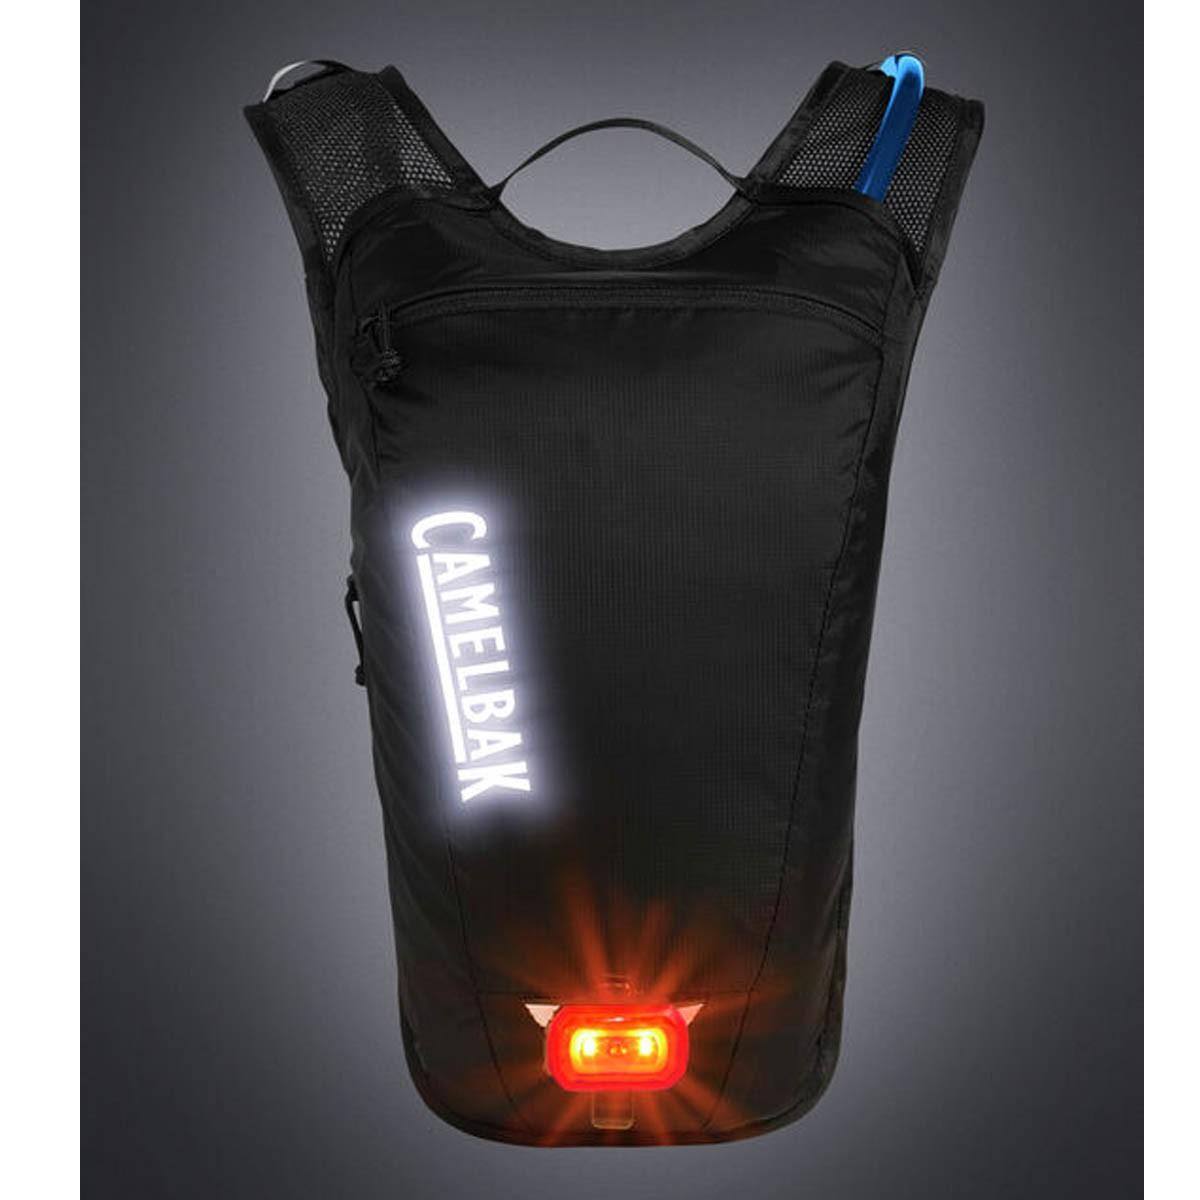 Mochila de hidratação Camelbak Hydobak Light 1,5 litros Preto